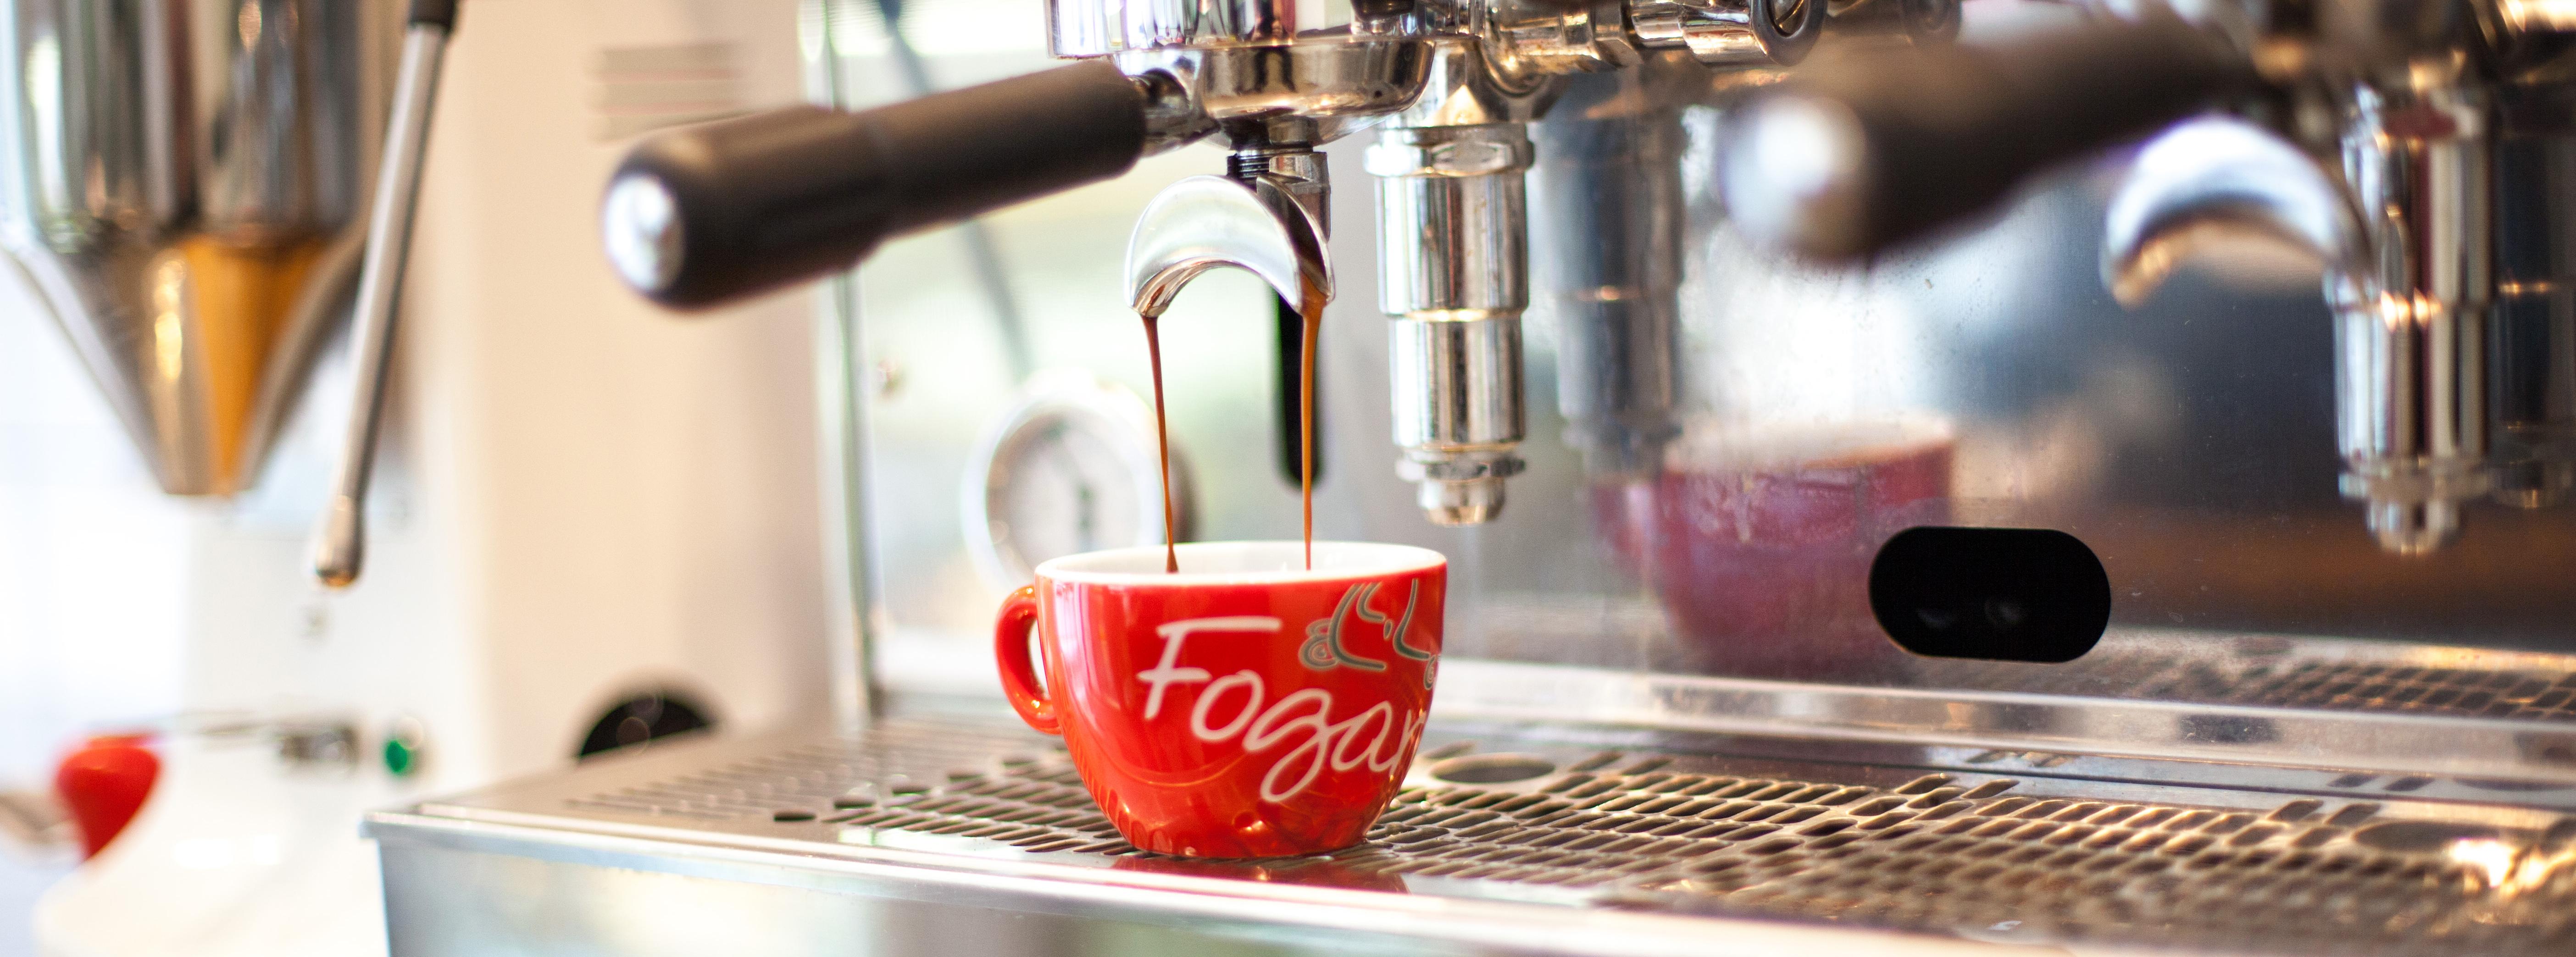 Kaffemaskin Fogarolli